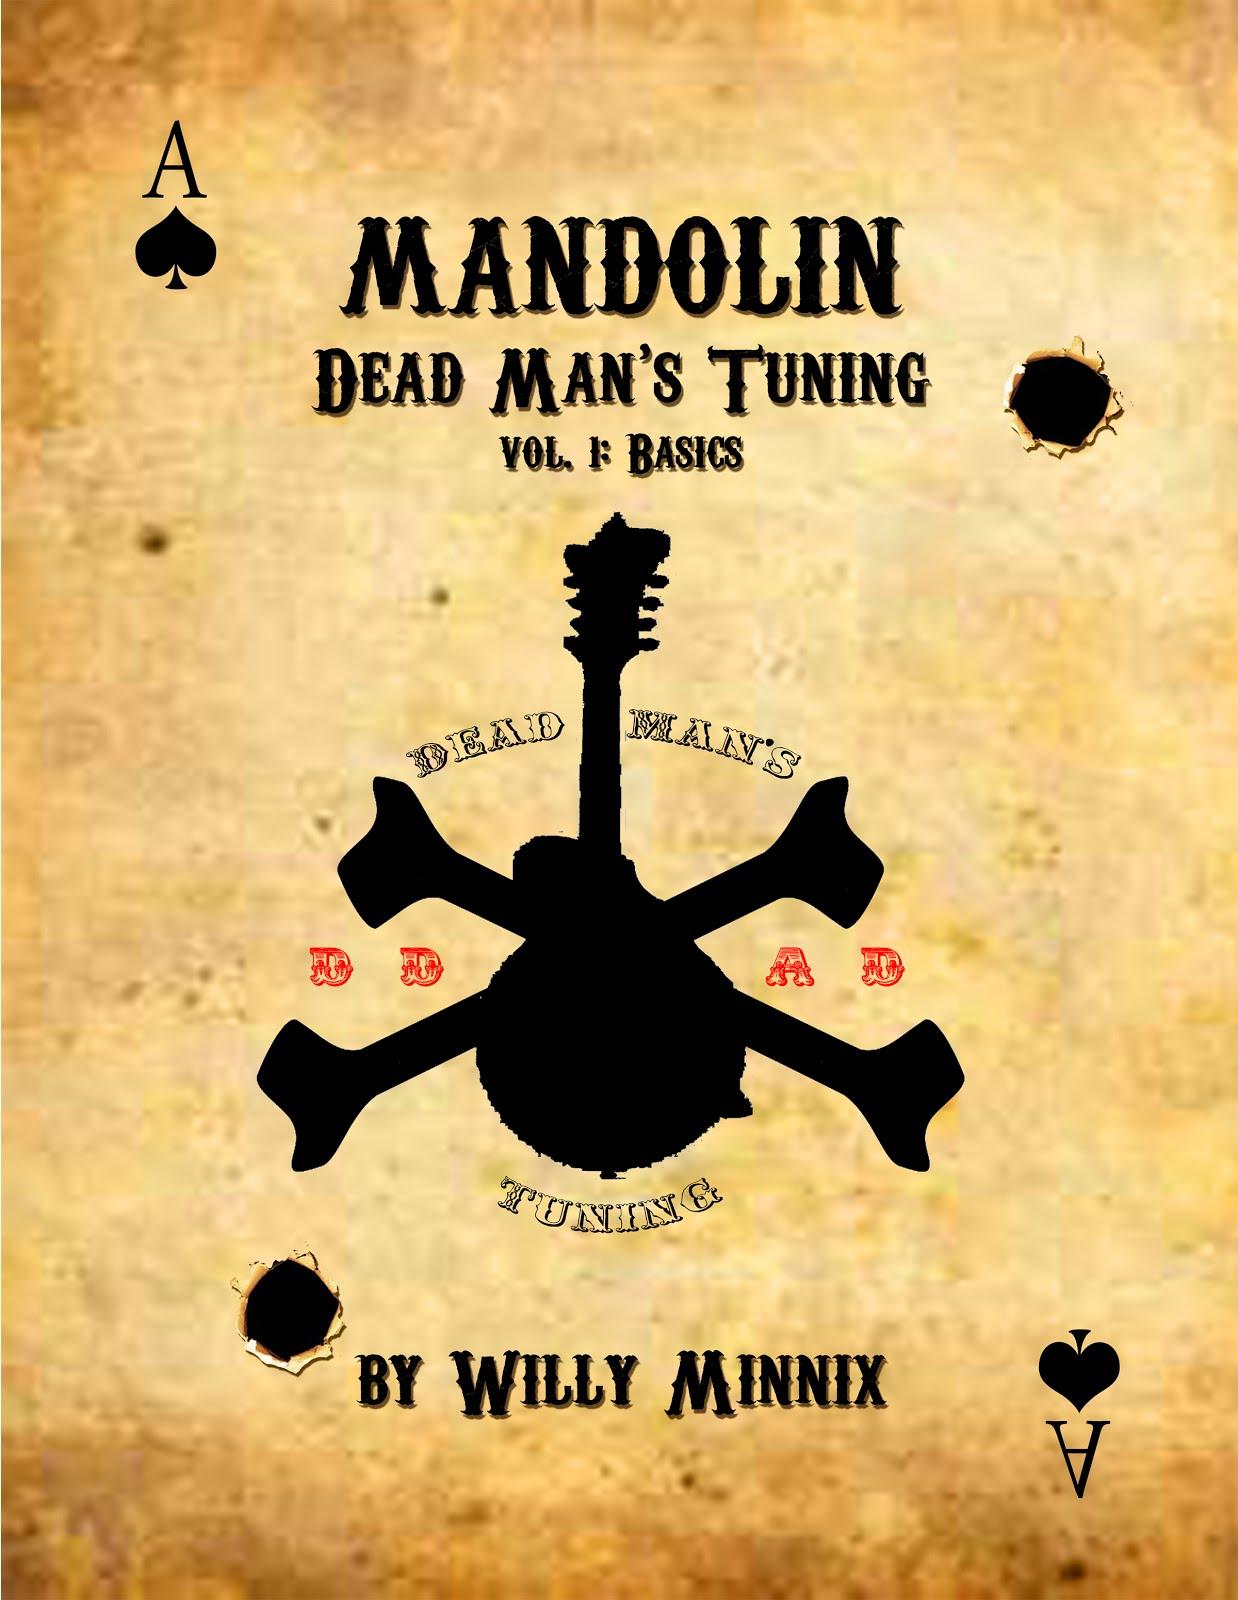 Mandolin Vol. 1